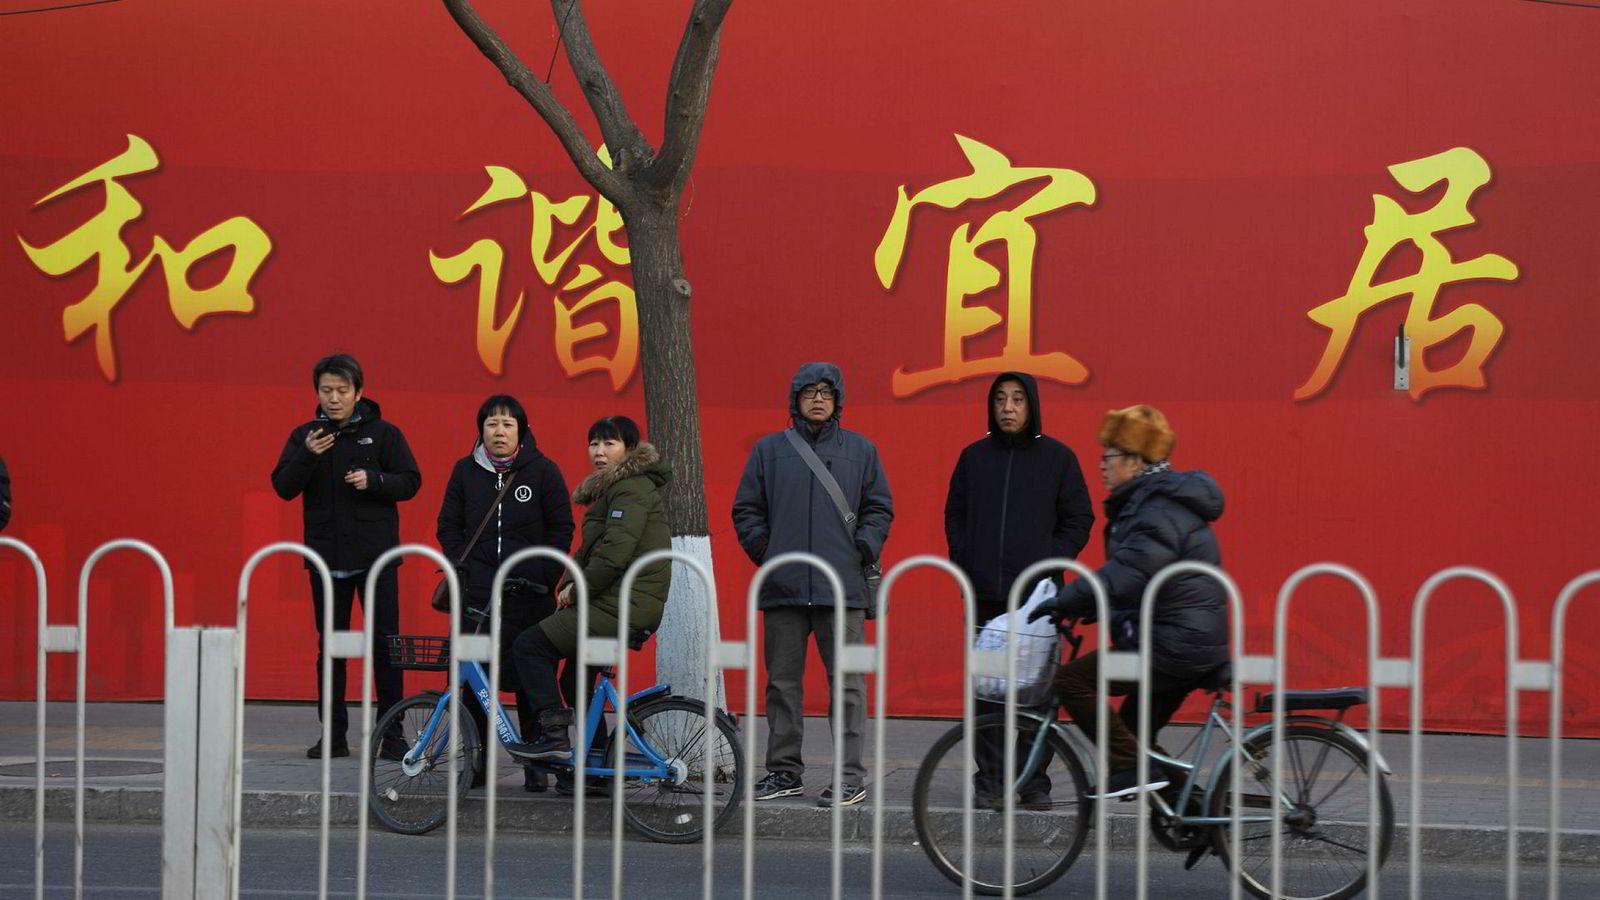 Det fødes færre barn i Kina, og ifjor falt befolkningen for første gang på 70 år.